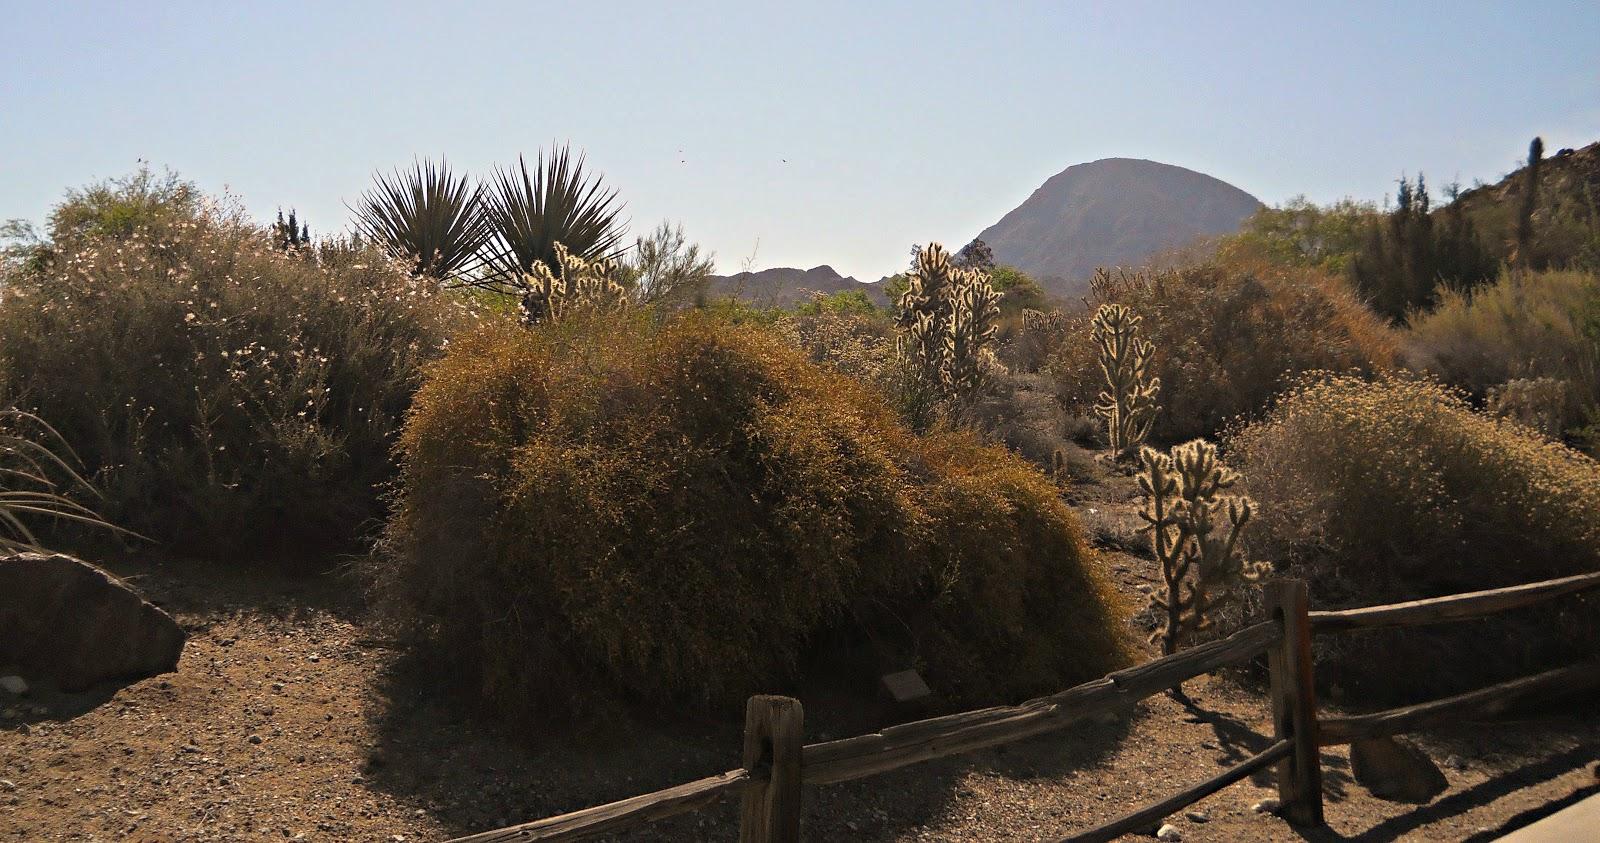 The Living Desert in Palm Desert, California - ButterflyInTheAttic